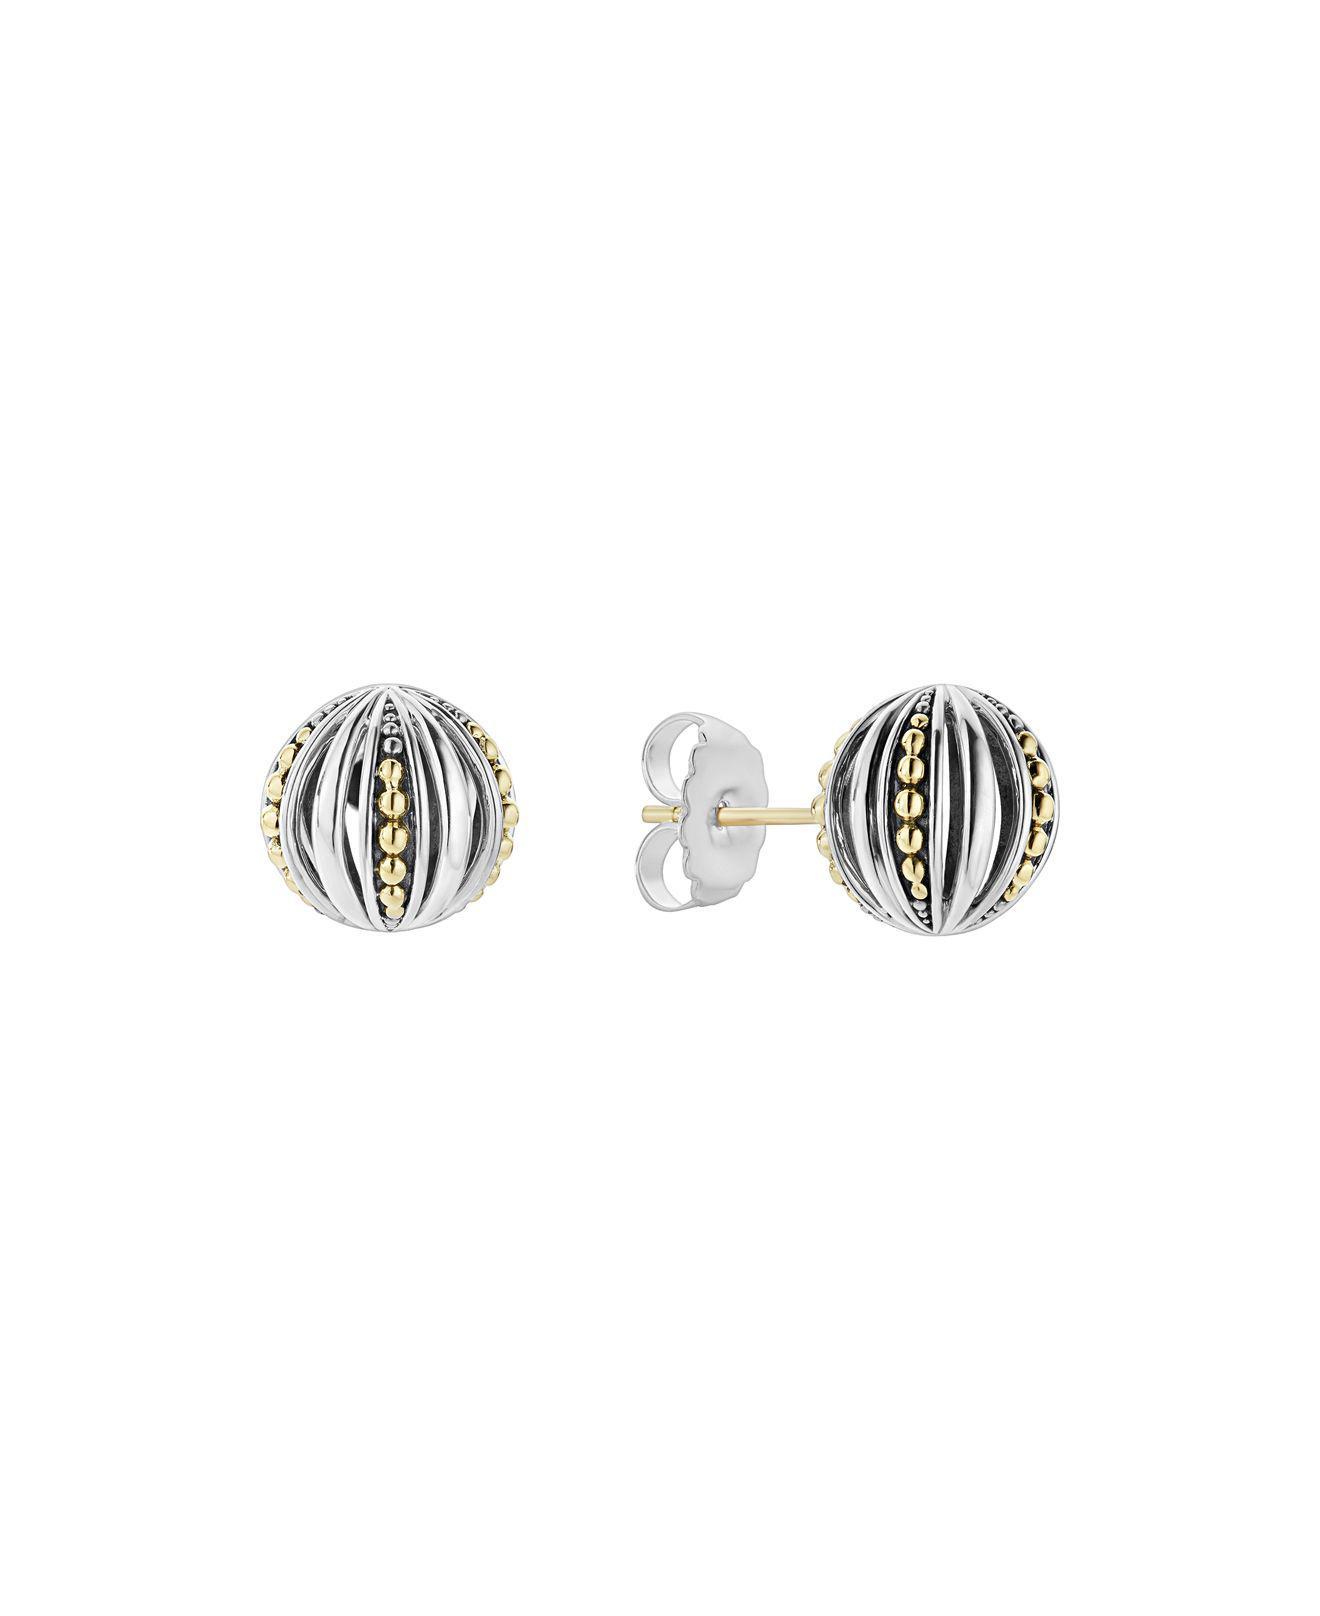 Lagos Caviar Talisman Woven Knot Stud Earrings JW3beSSEn